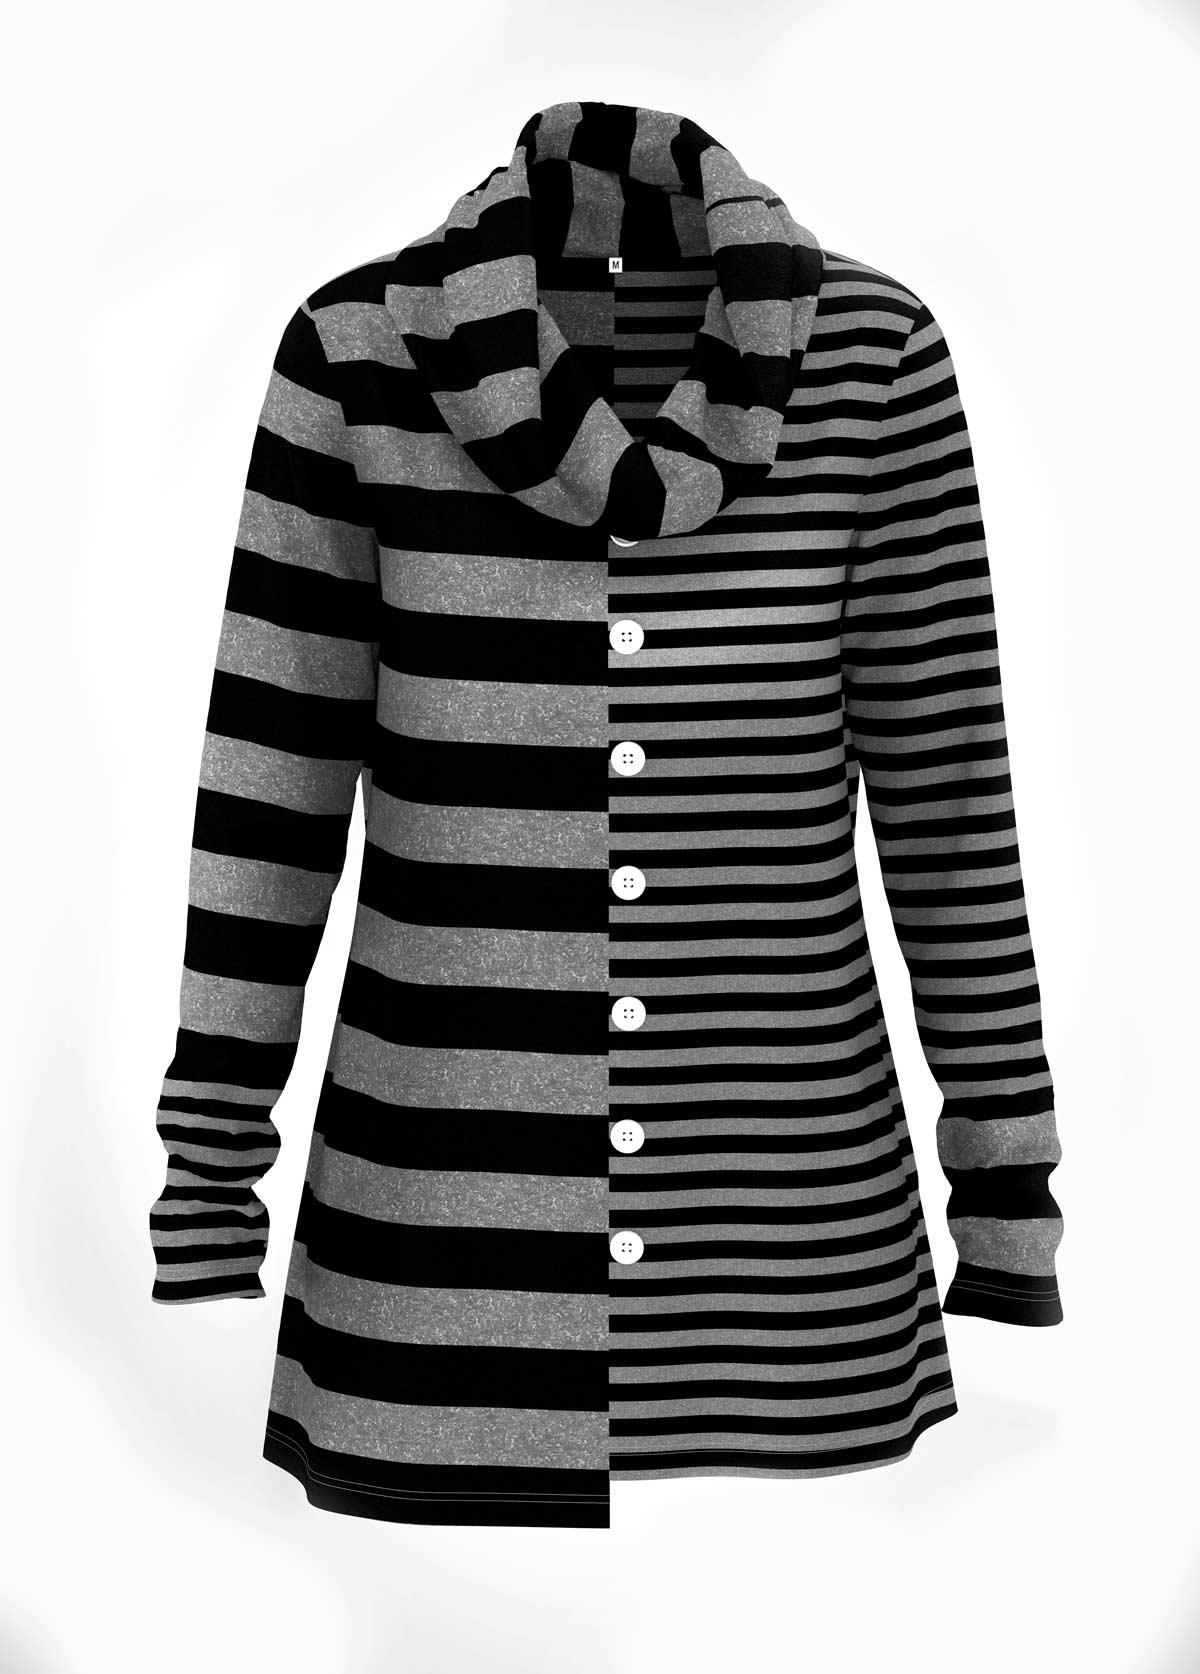 ROTITA Asymmetric Hem Striped Print Button Detail Tunic Top